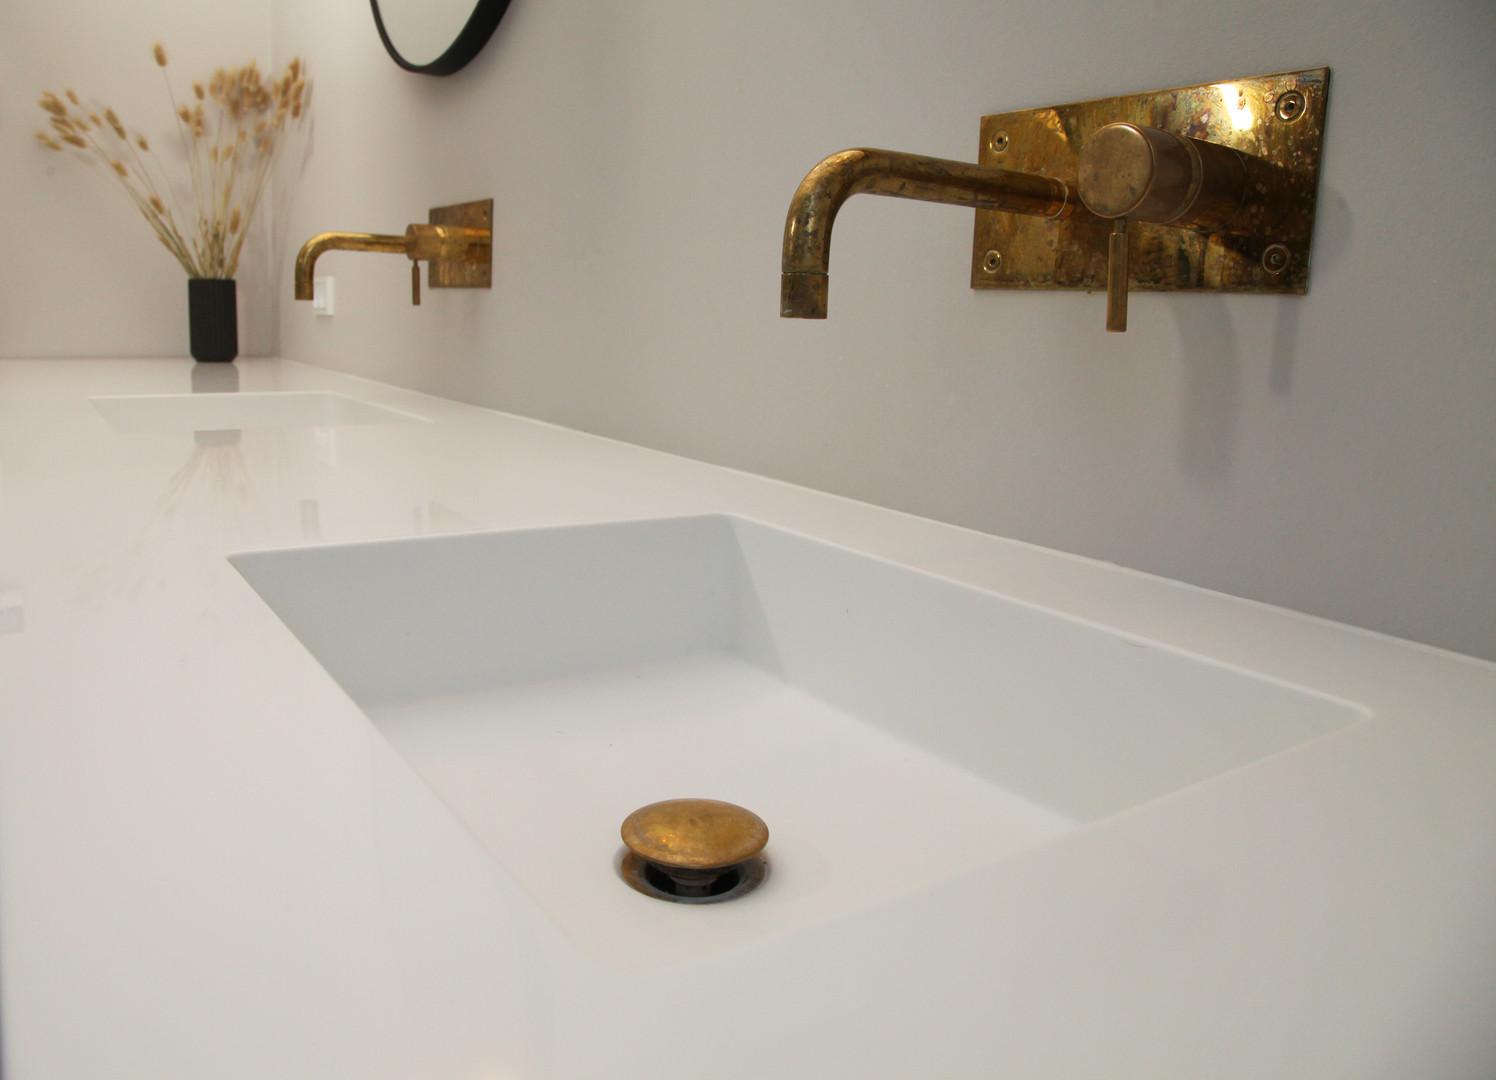 Badeværelsesmøbel i egetræ med Corian bordplade og vaske